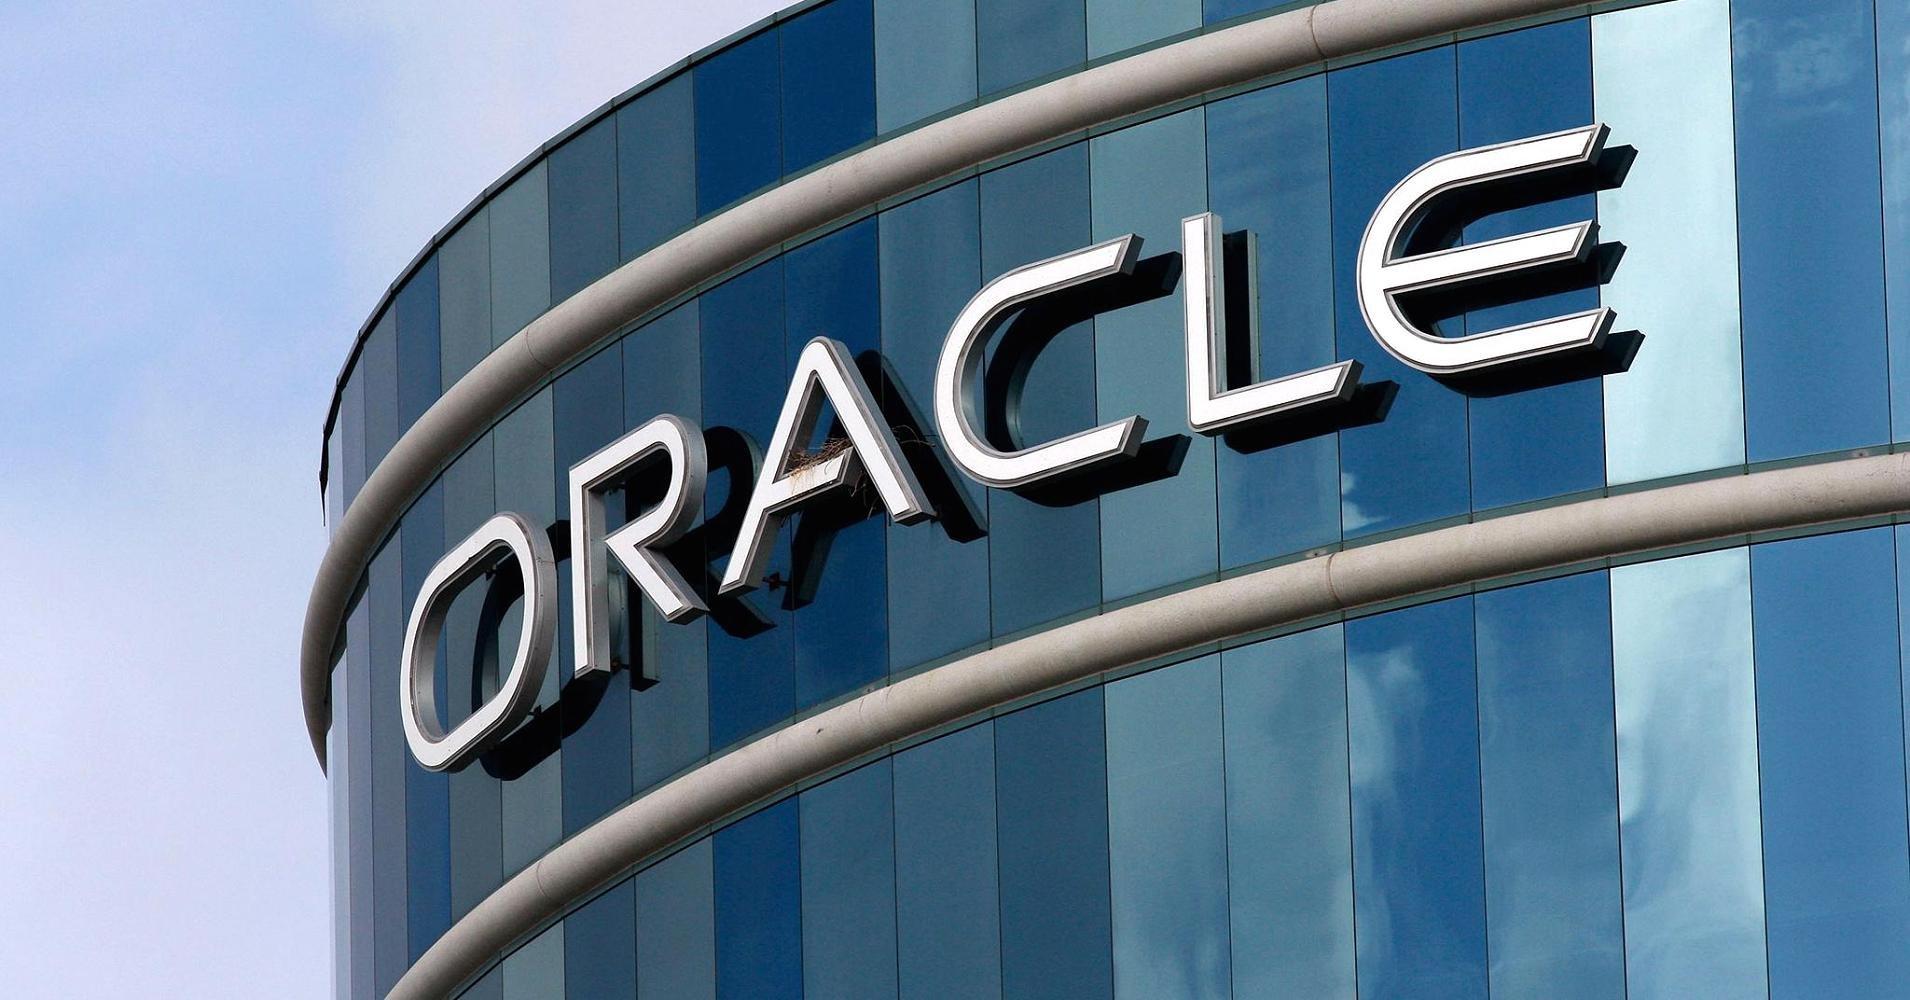 Инженеры Oracle исправили более 300 багов в своих продуктах